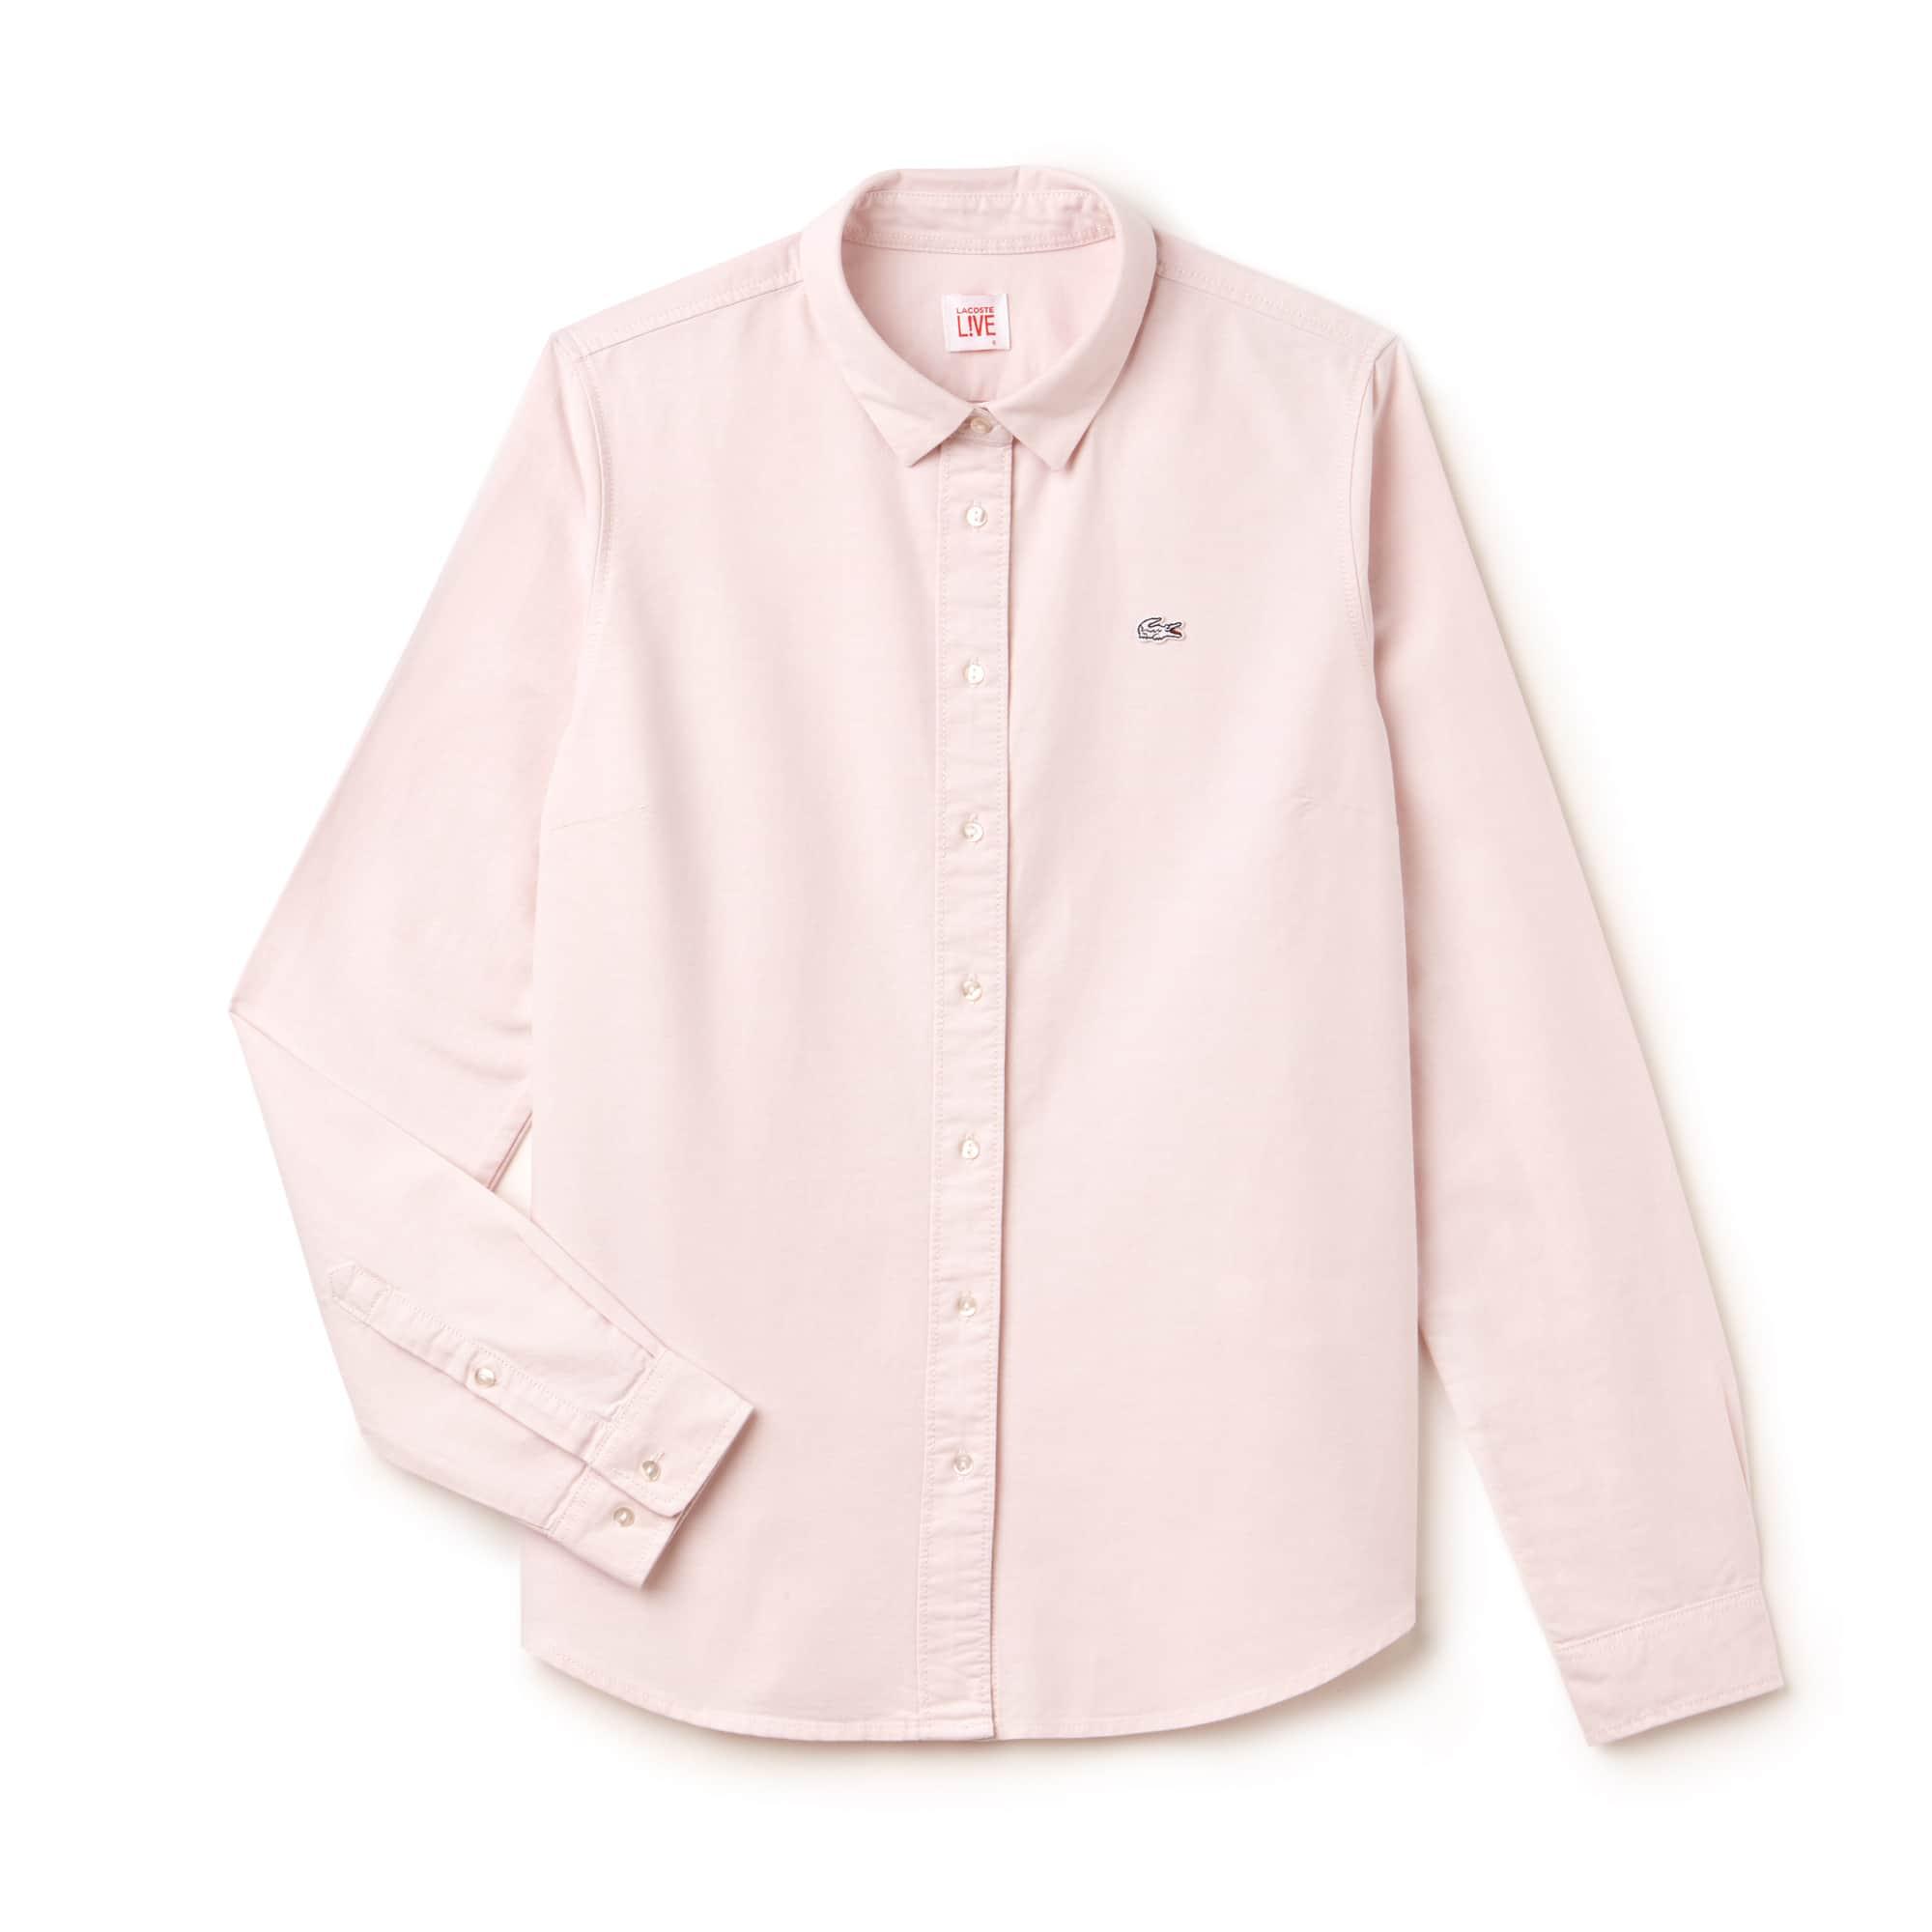 Women's Lacoste LIVE Slim Fit Oxford Cotton Shirt